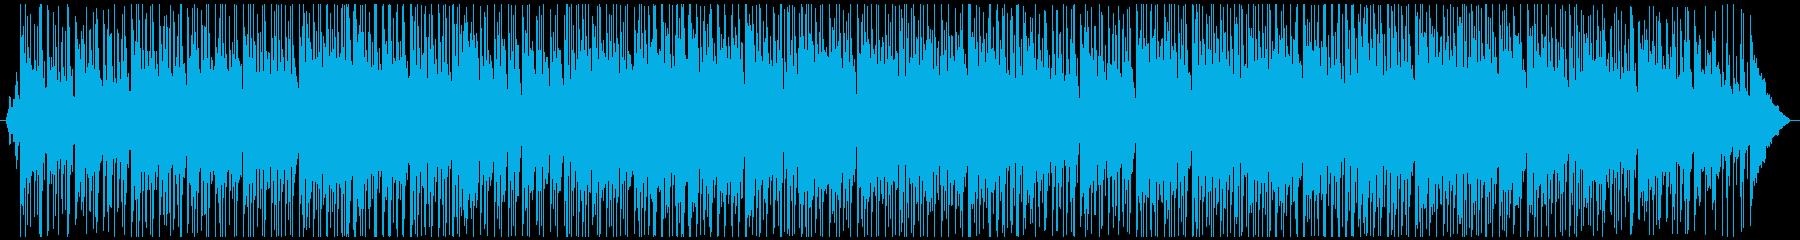 邦楽 K-POP J-POP ポッ...の再生済みの波形